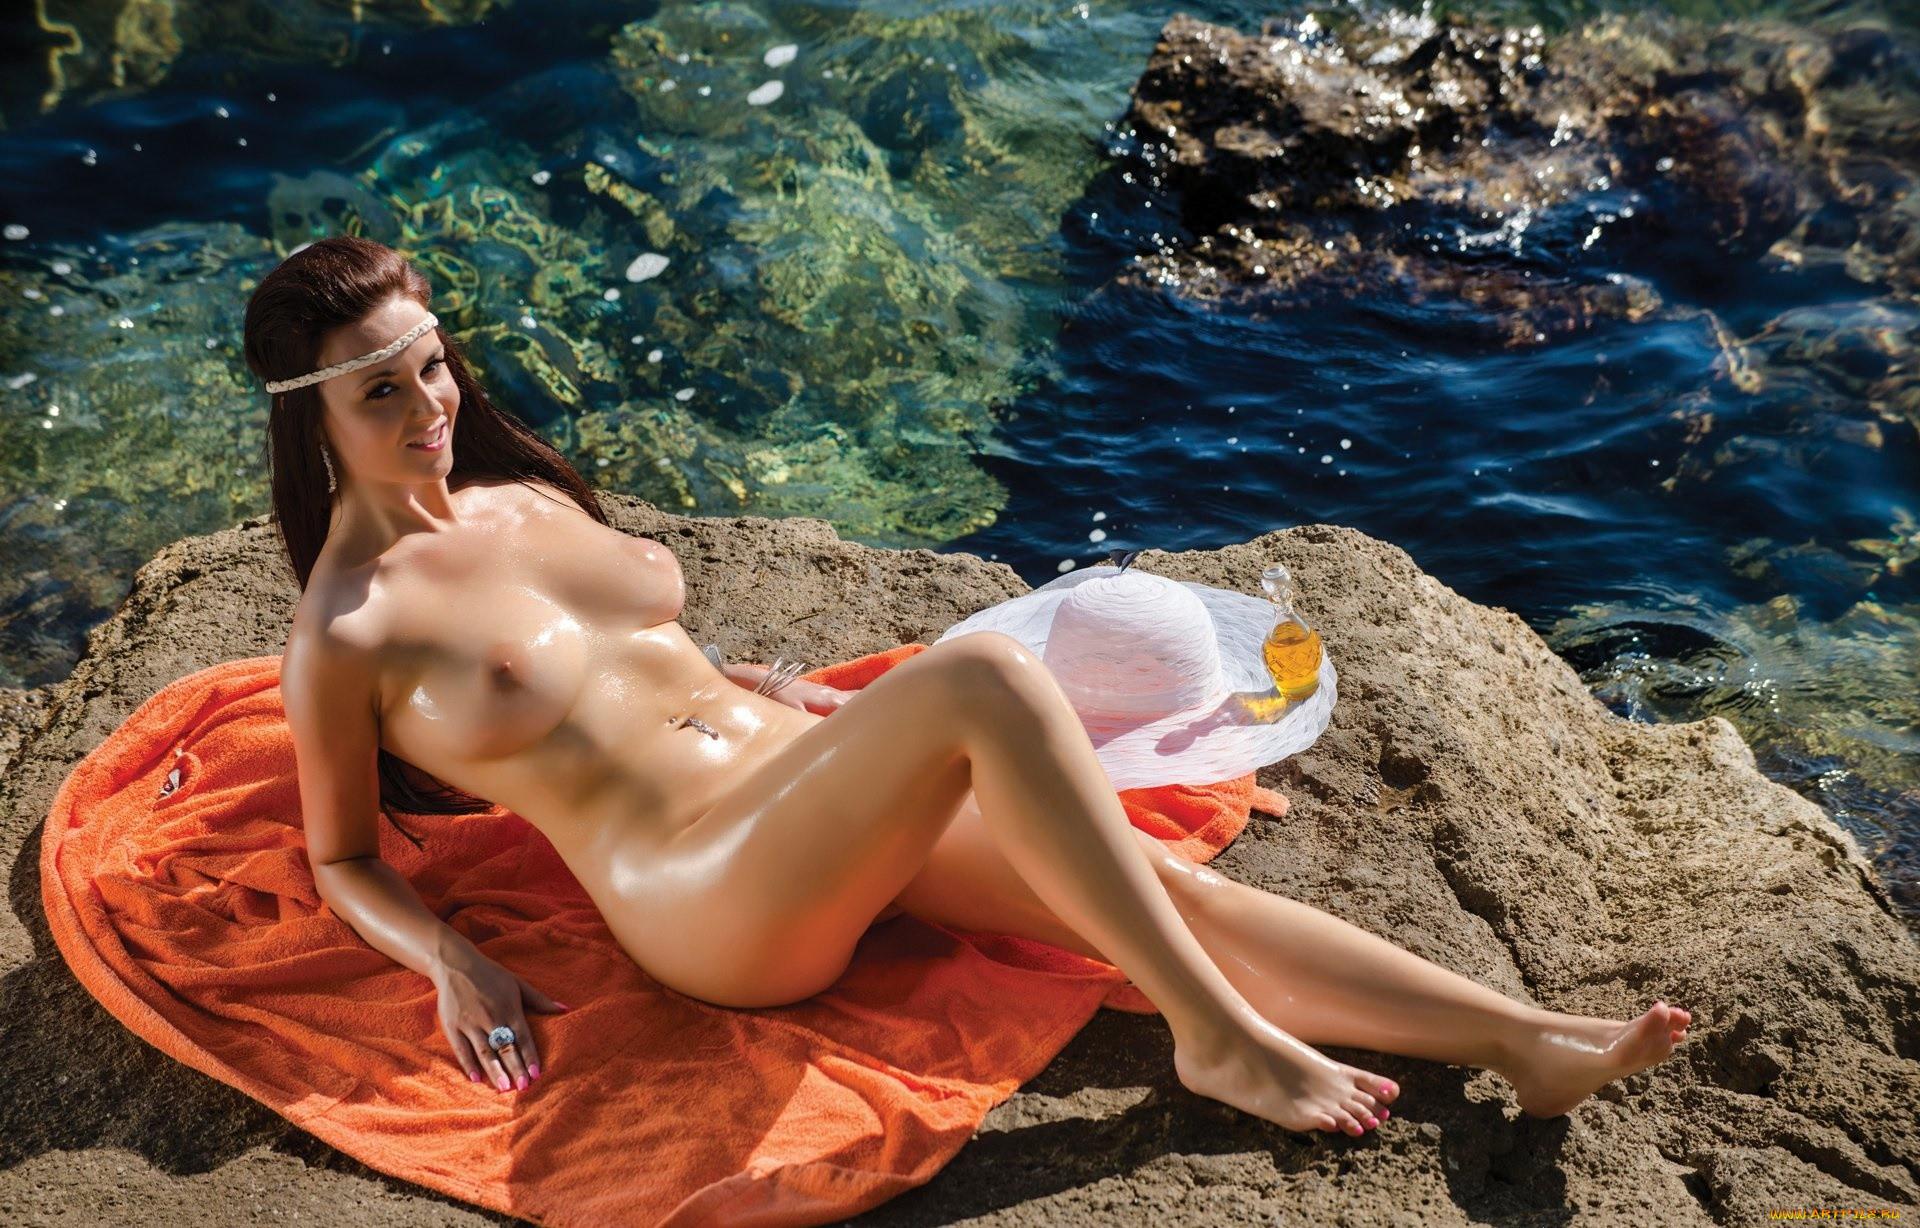 Ivana dewar nude having sex with